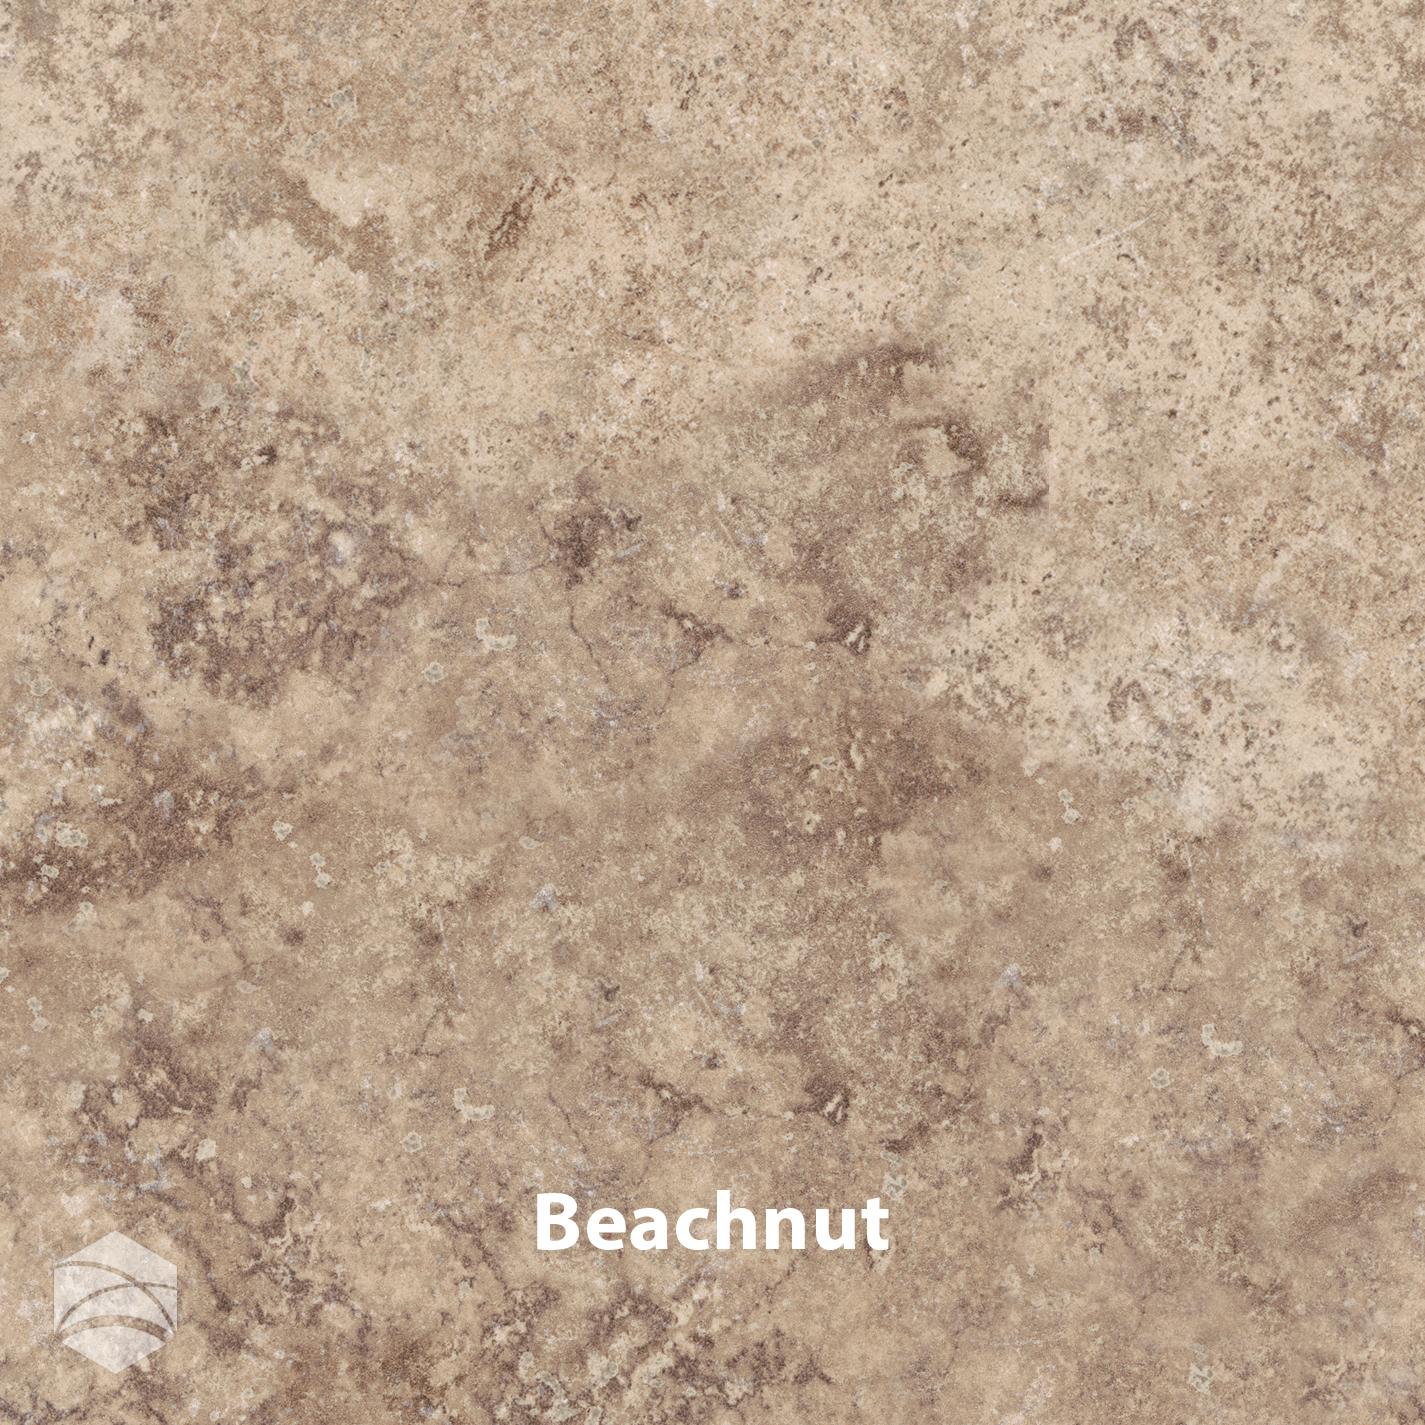 Beachnut_V2_14x14.jpg